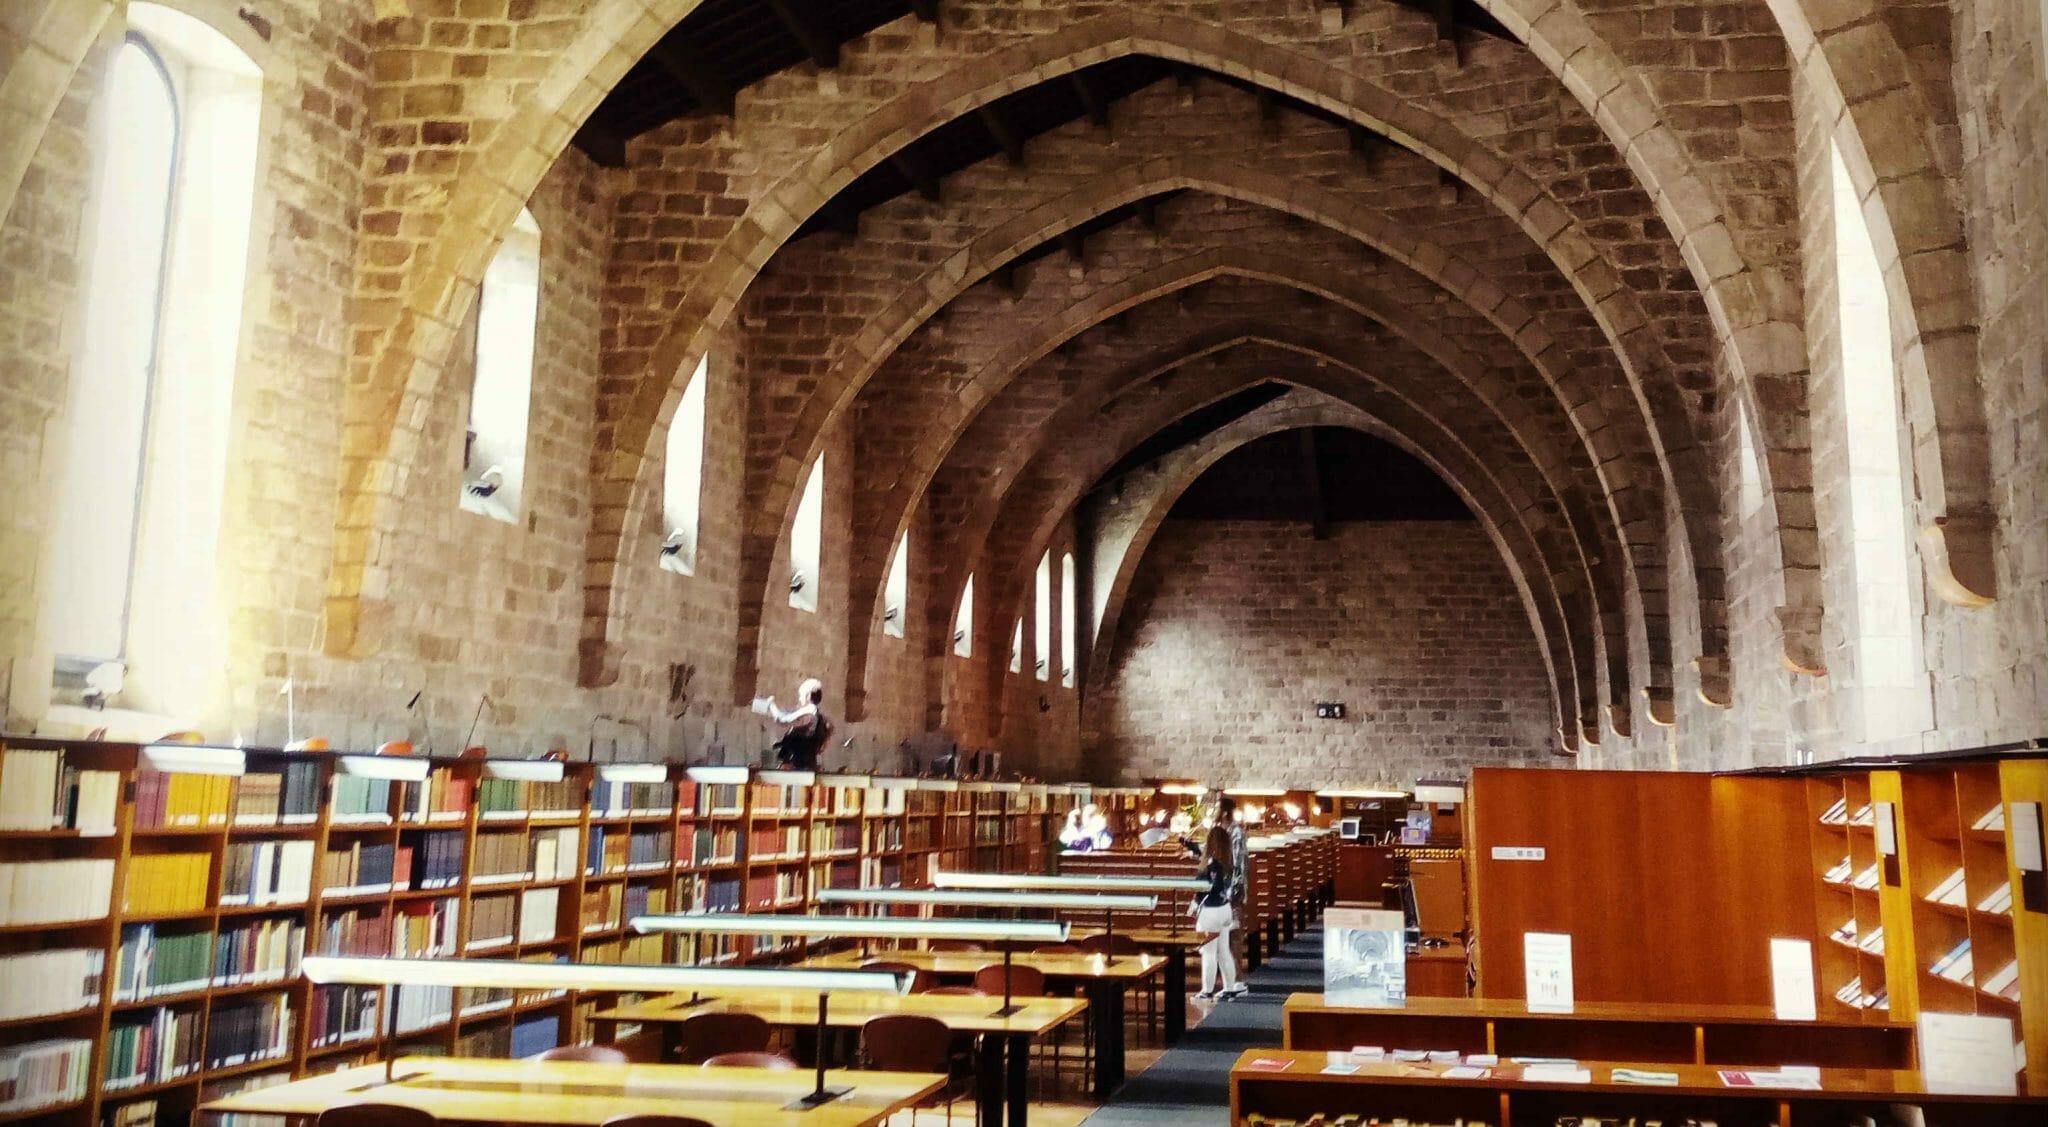 Il fascino e la storia della biblioteca nazionale catalana, sopravvissuta alla dittatura - Reportage